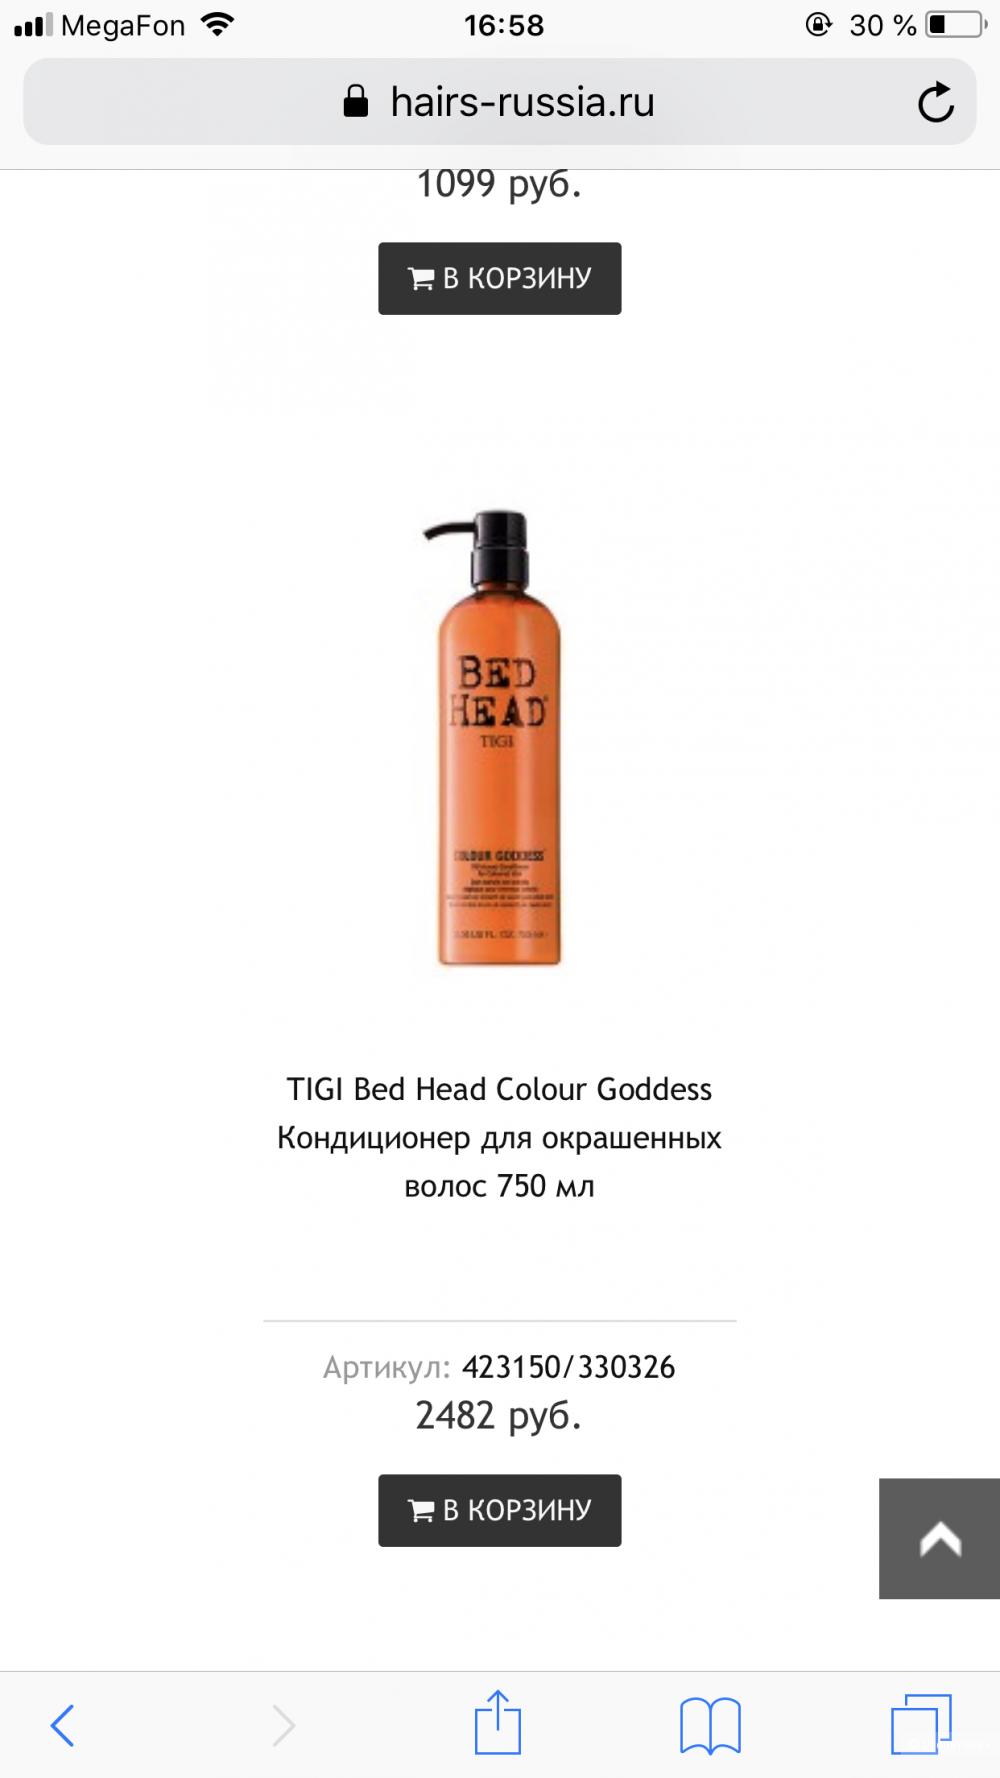 Шампунь+Бальзам для волос TIGI BED HEAD COLOUR GODDESS, 750